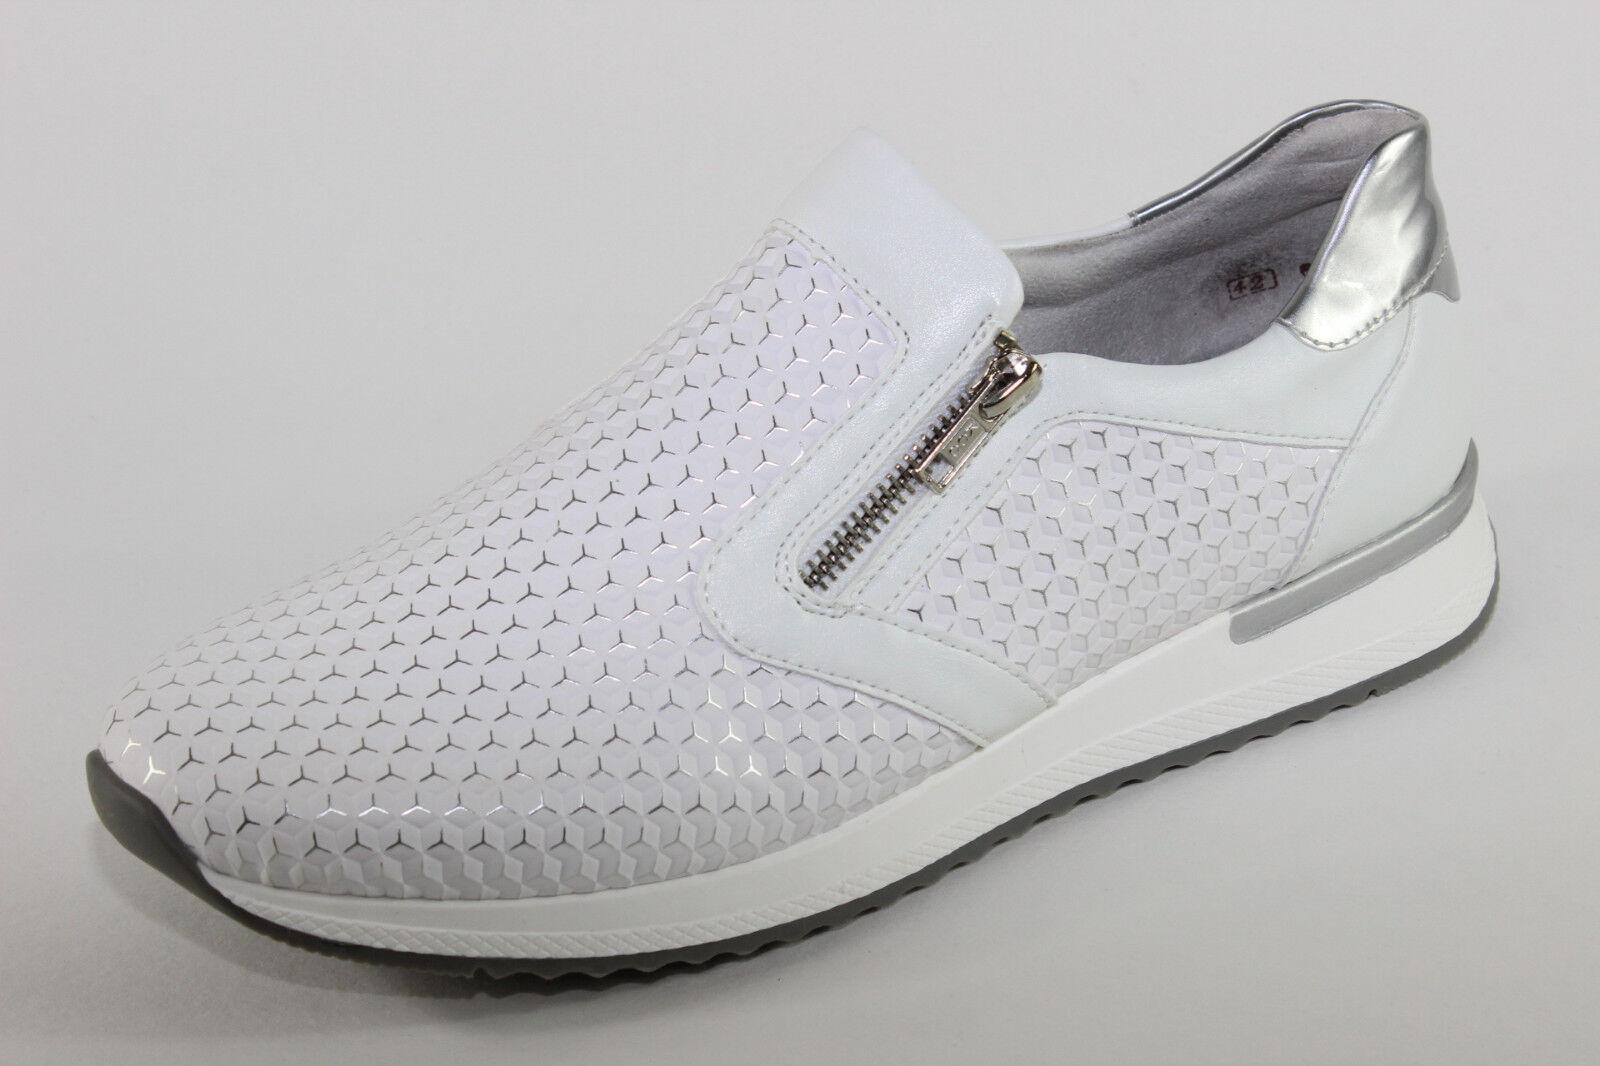 Remonte R7012-80, Sneaker Damenschuhe mit Reißverschluss, 3-D Look, Damenschuhe Sneaker Übergröße d2046d